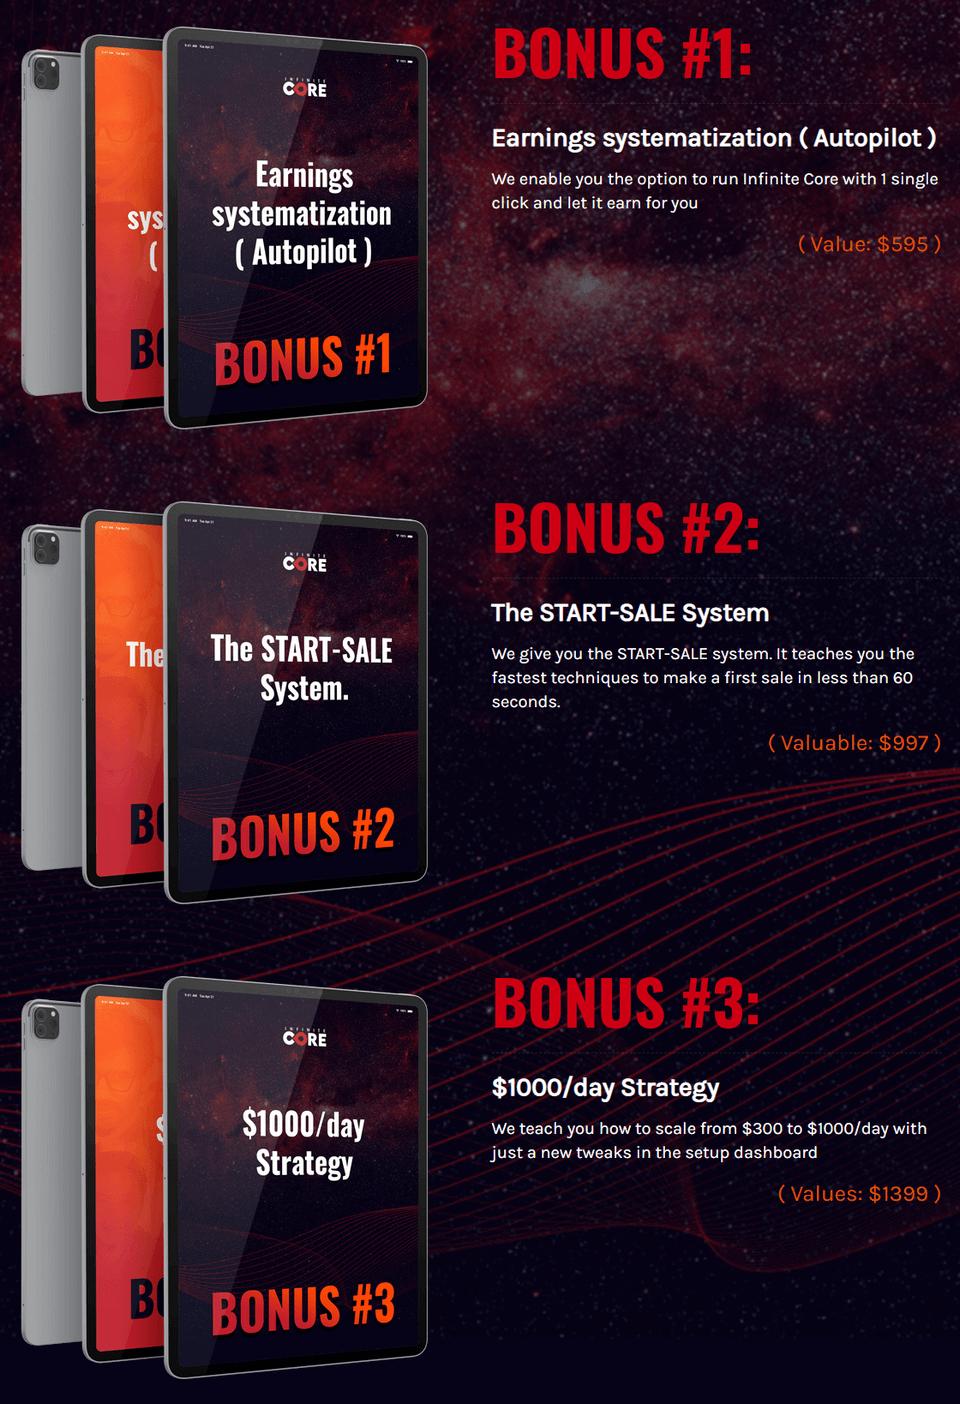 Infinite-Core-bonus